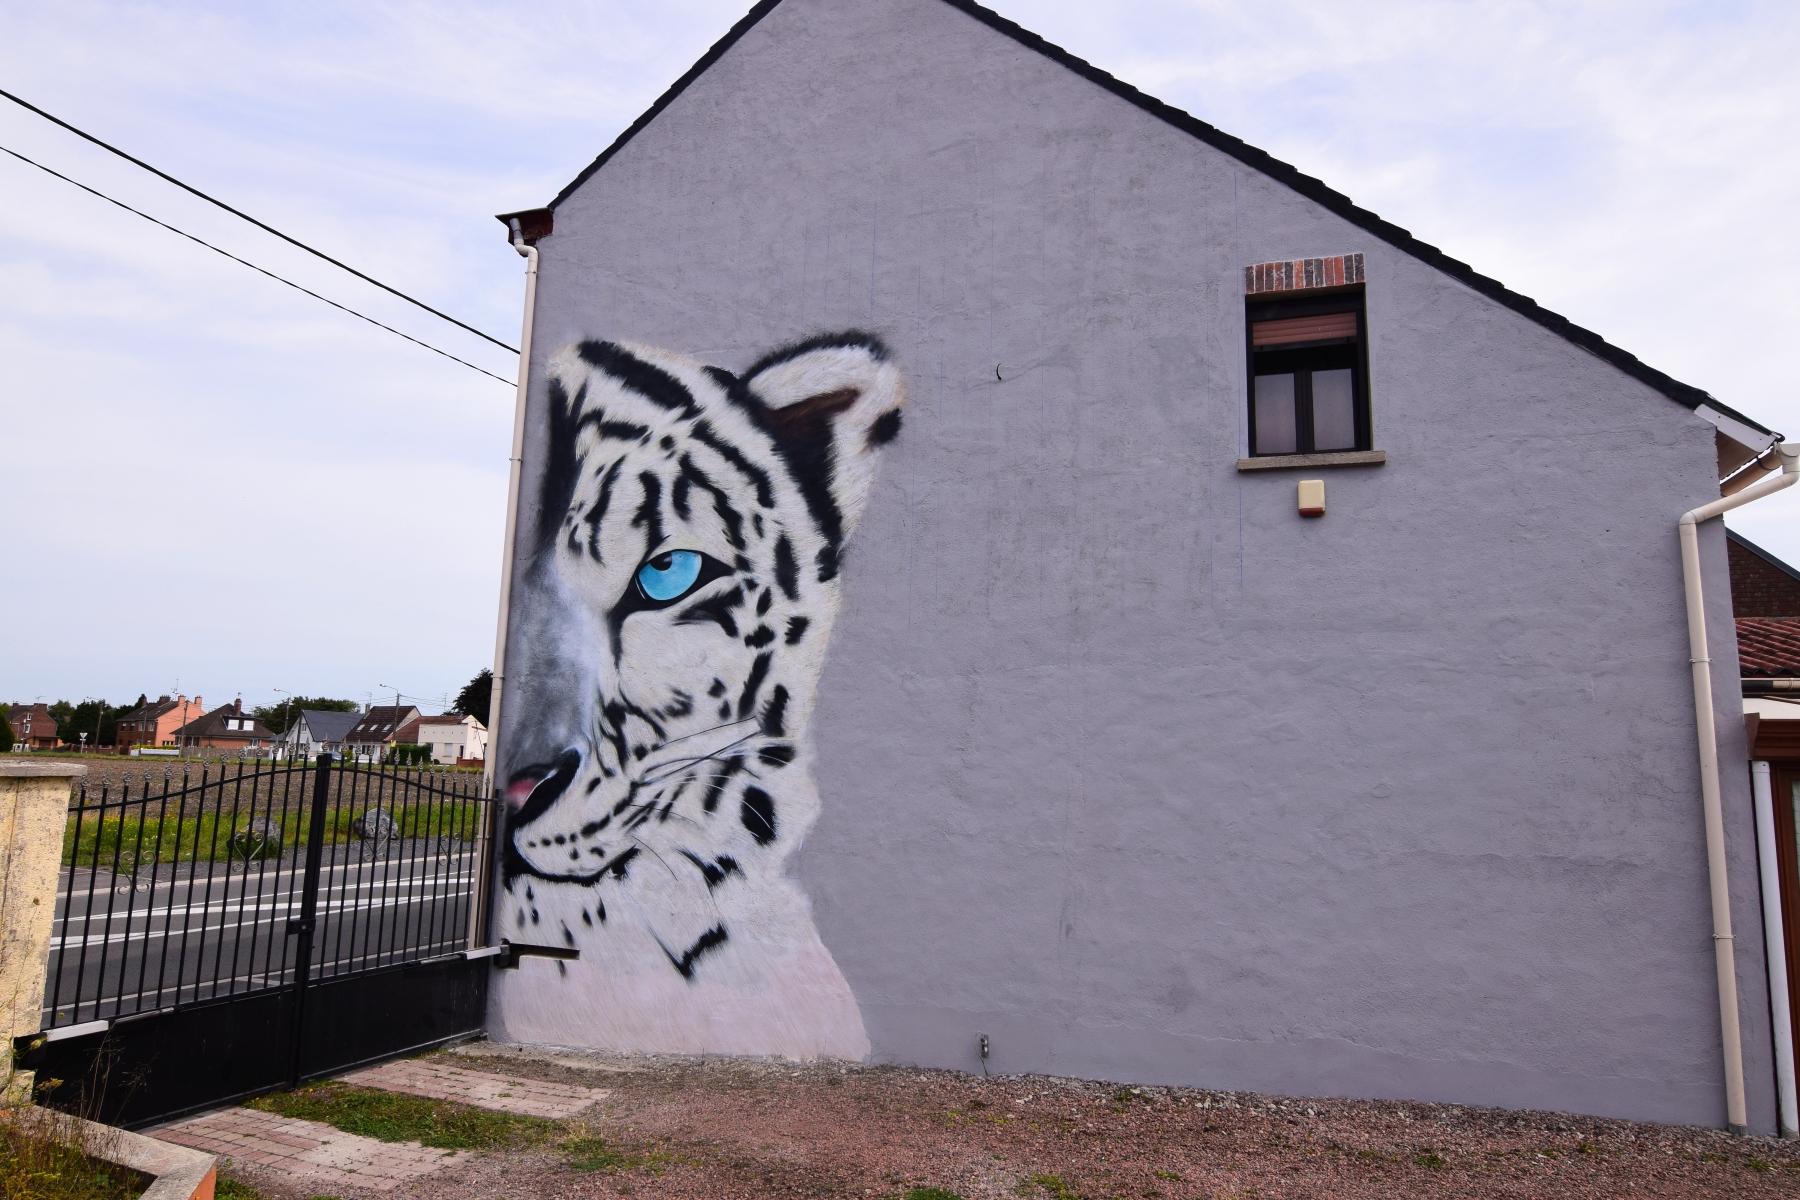 Notre graffeur à Douai peint un tigre géant à Abscon